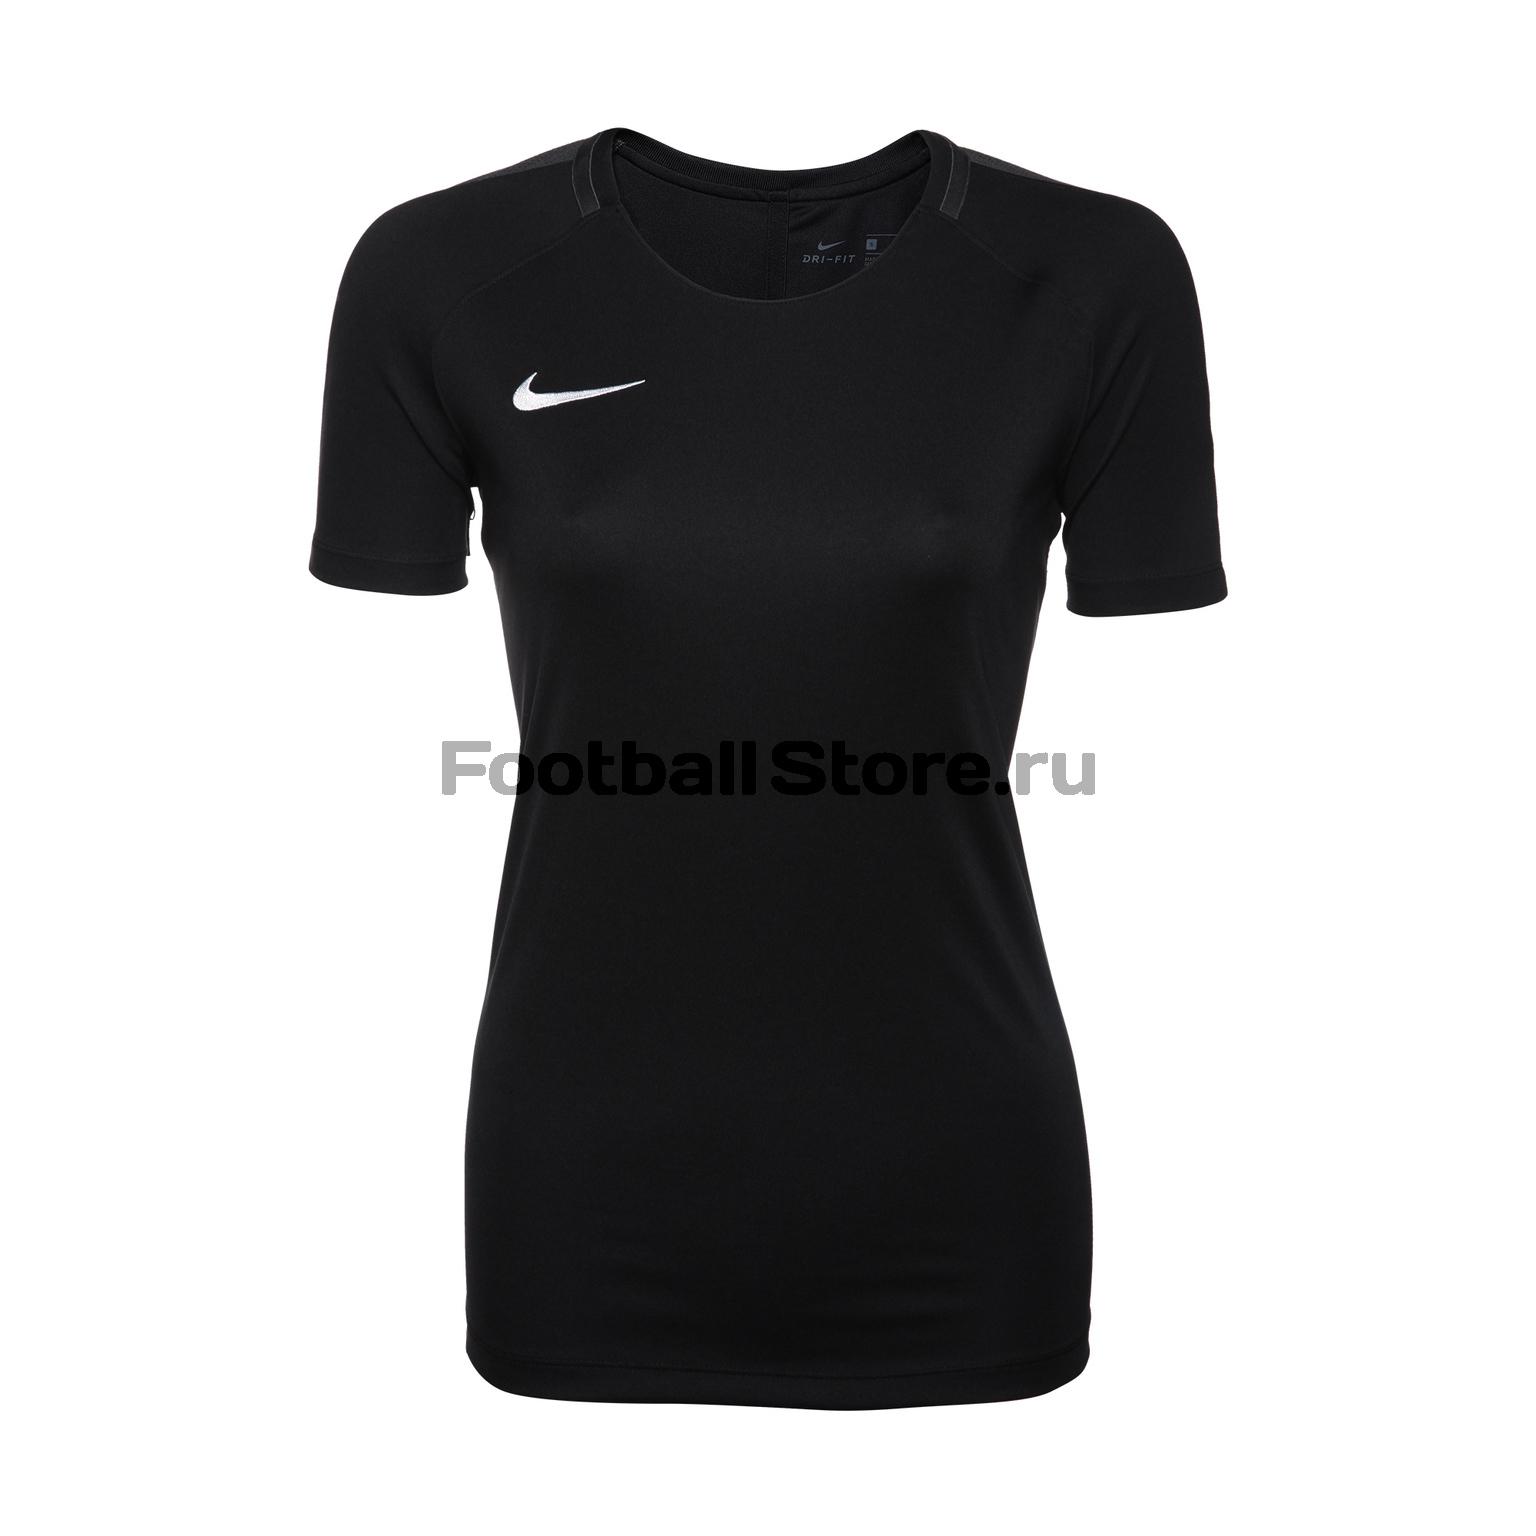 Футболка тренировочная женская Nike Academy 893741-010 футболка тренировочная женская nike academy 893741 361